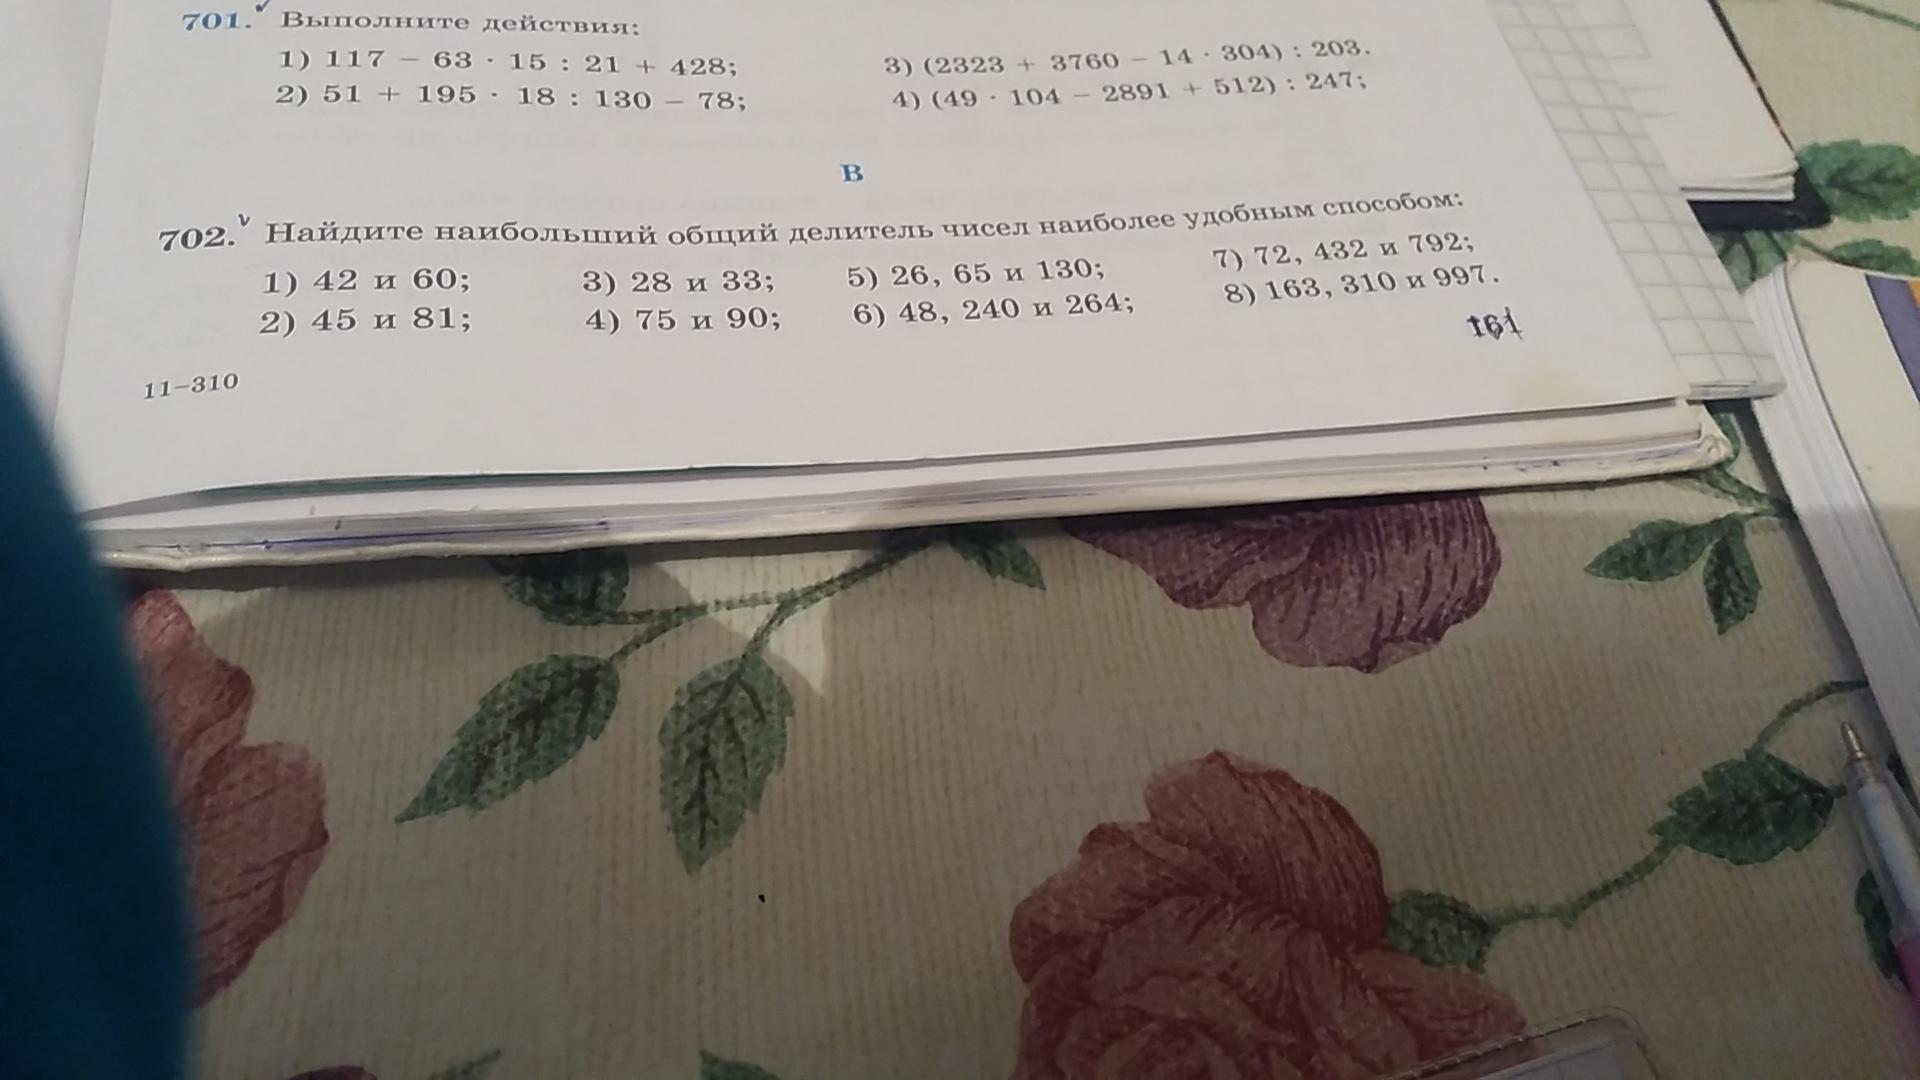 Найдйдите наибольший общий деоитель чисел наиболее удобным способом 45и 81, 75и90, 48,240и264, 163,3